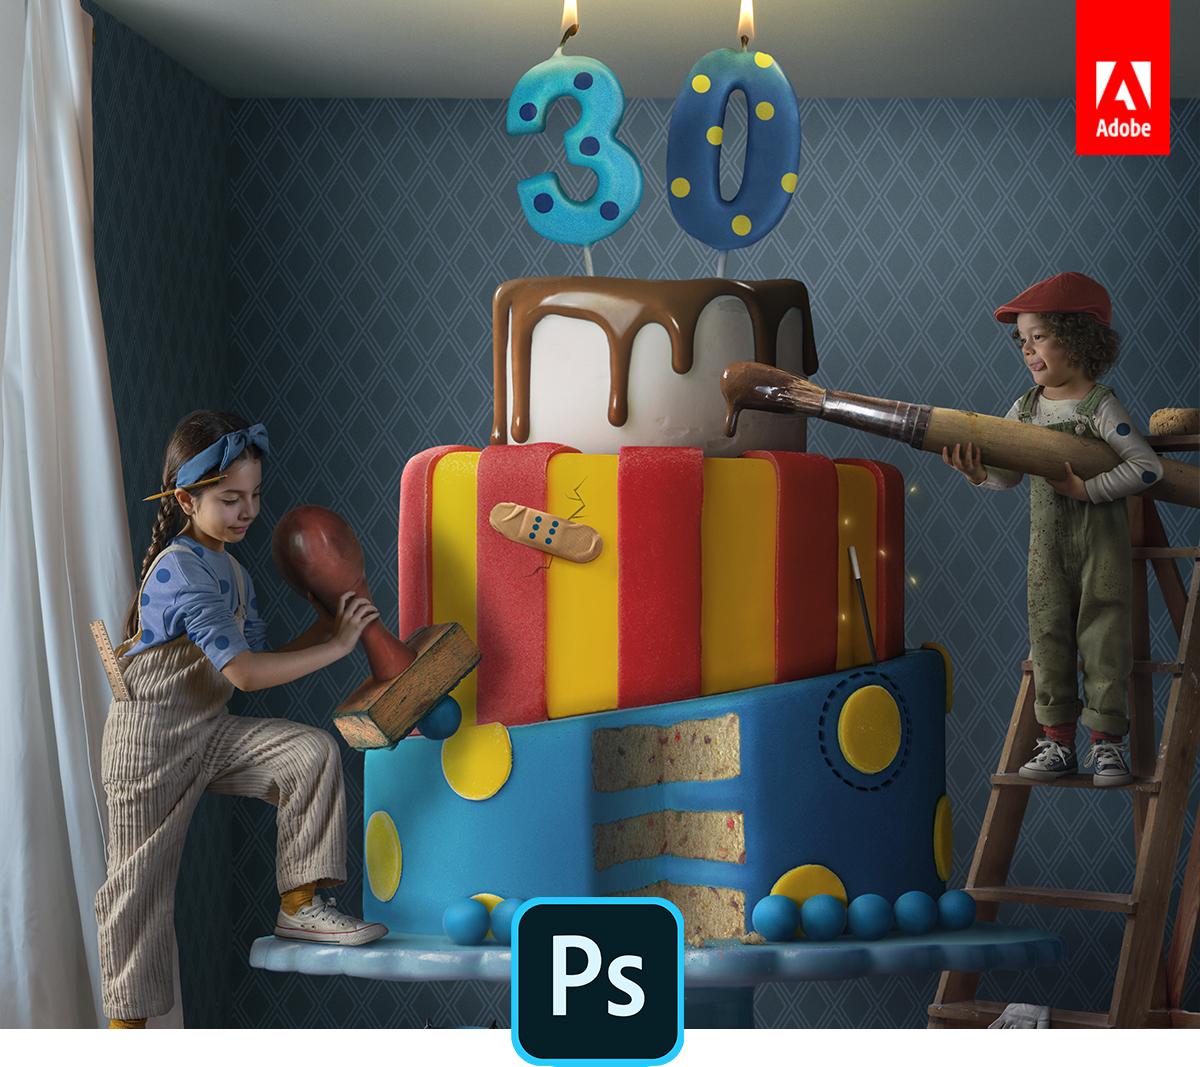 Adobe, masaüstü və iPad üçün Photoshop-a yeni xüsusiyyətlər gətirir 2